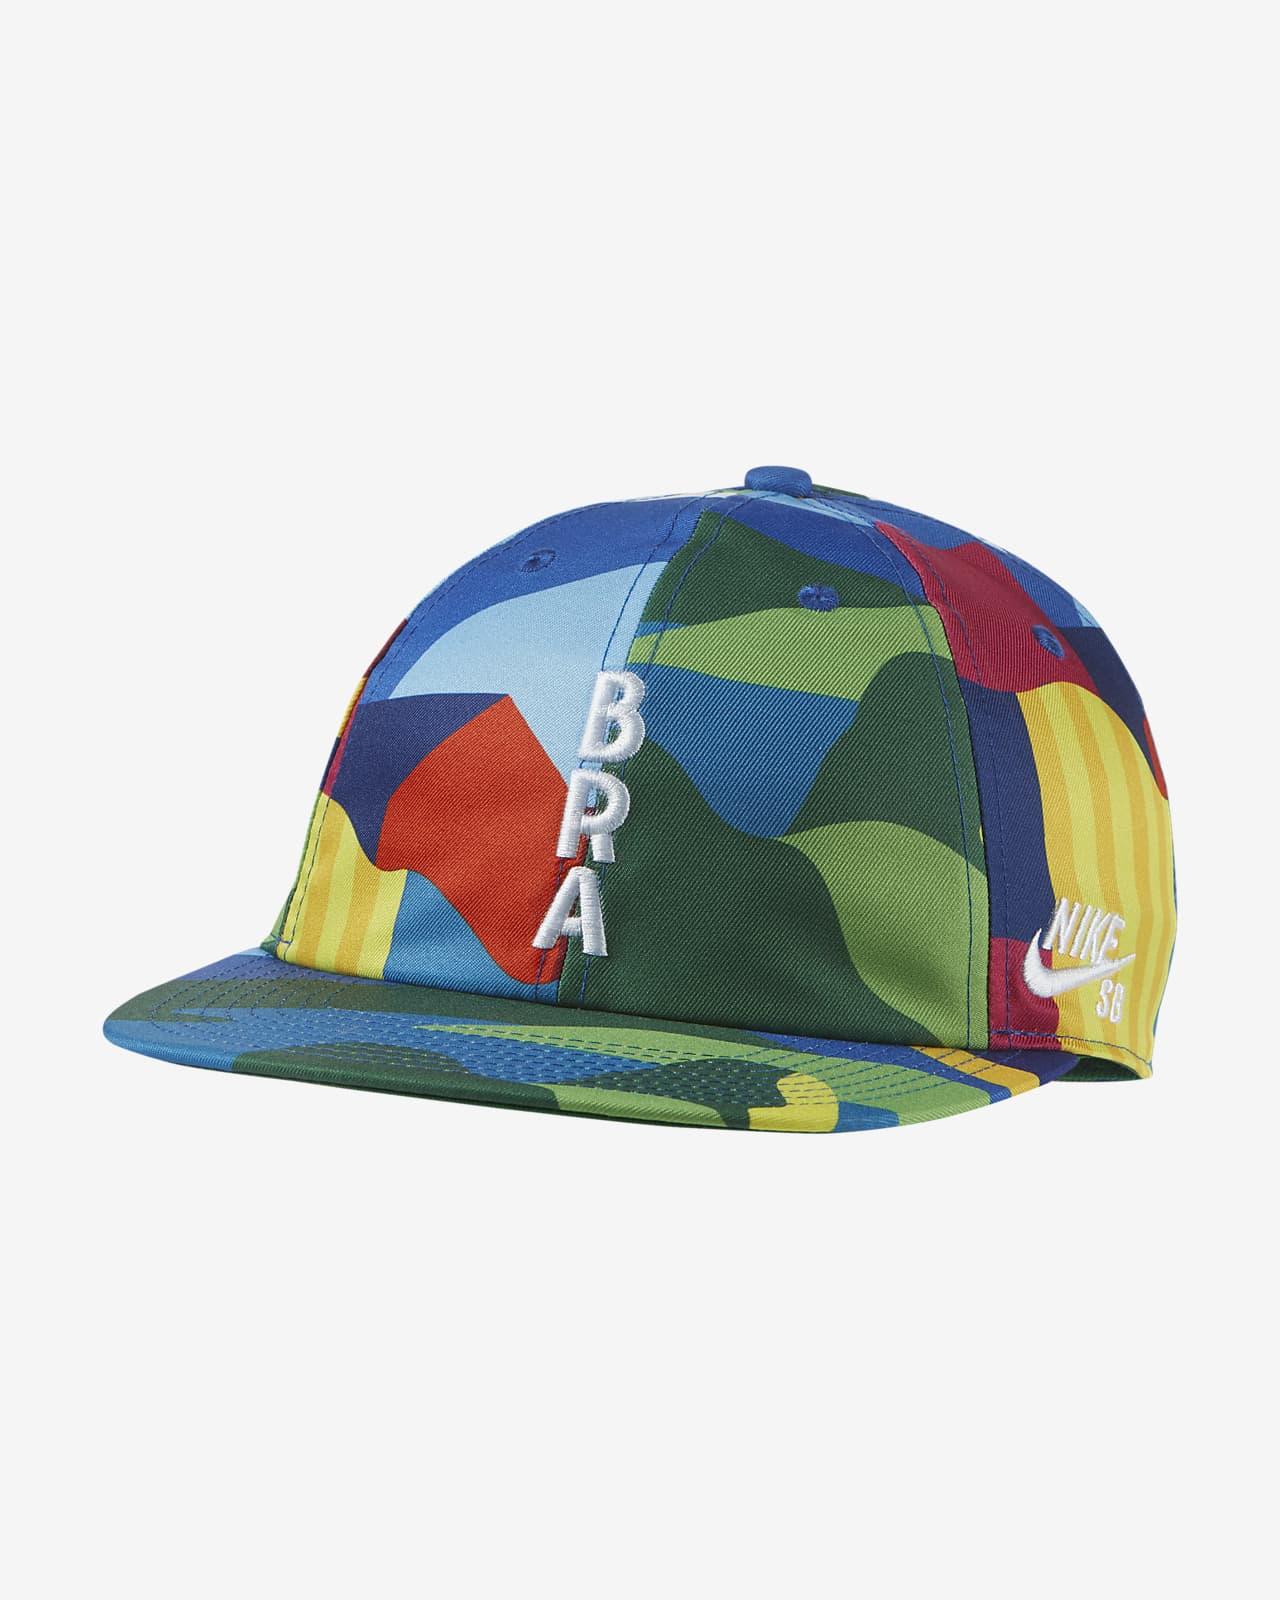 Nike SB Printed Skate Cap